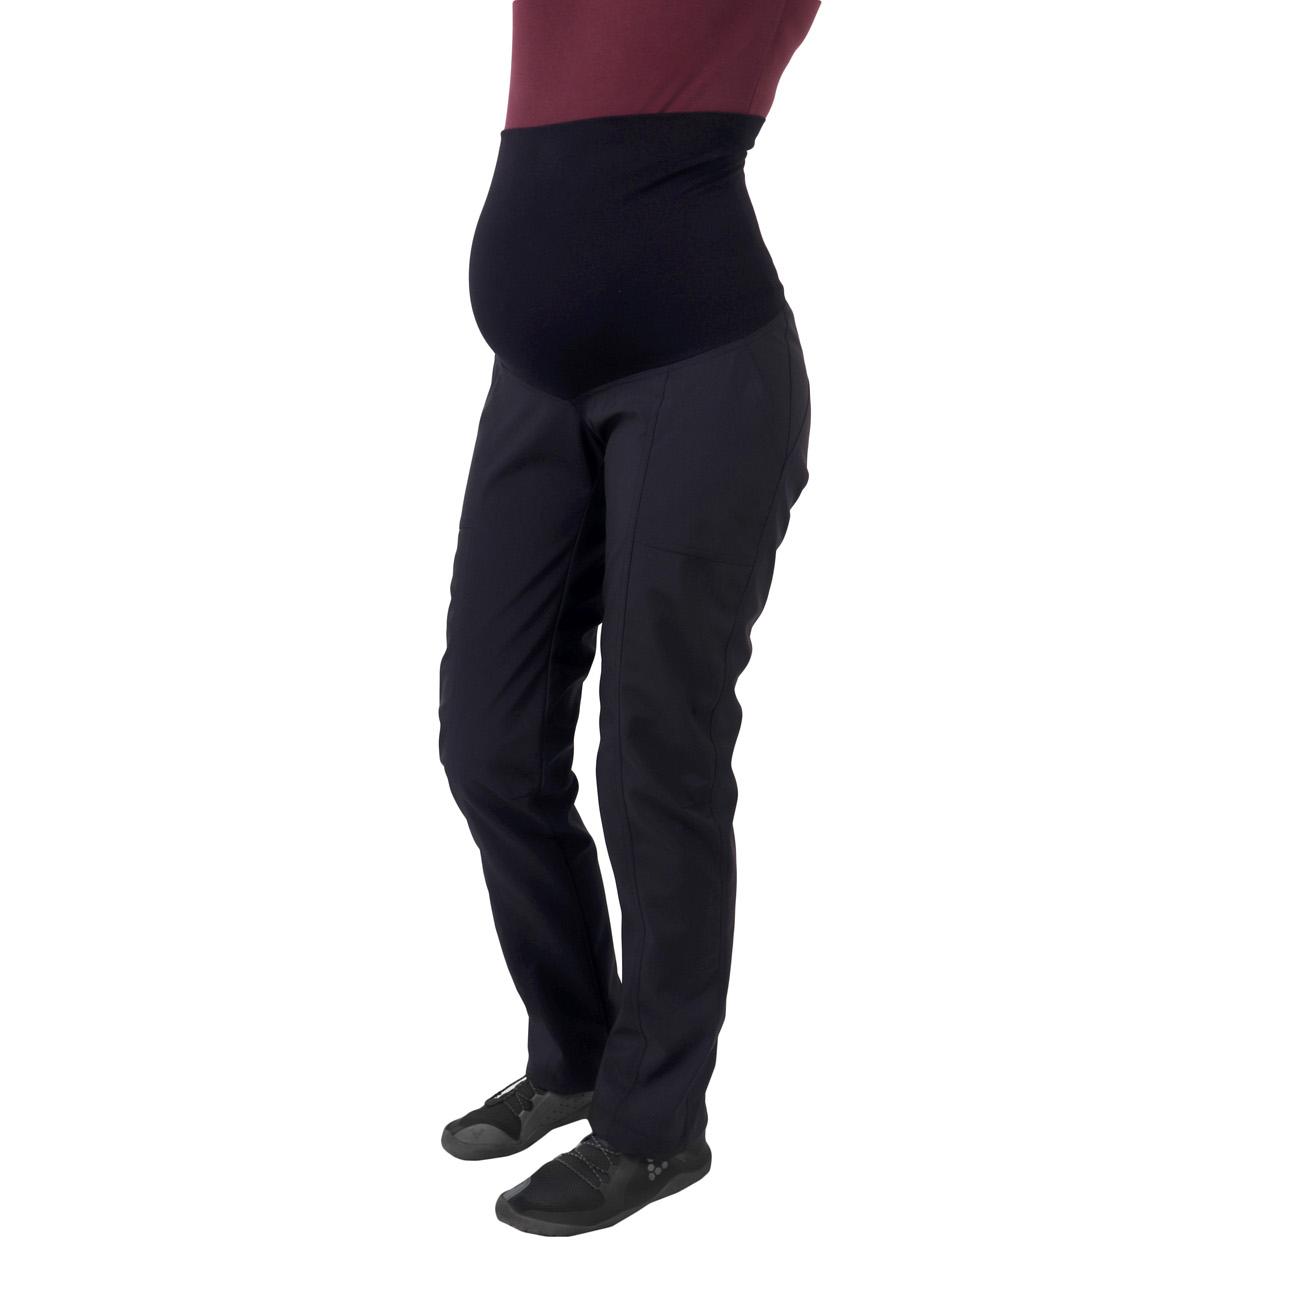 Jarní/letní těhotenské softshellové kalhoty liva, černé, 42 normální délka